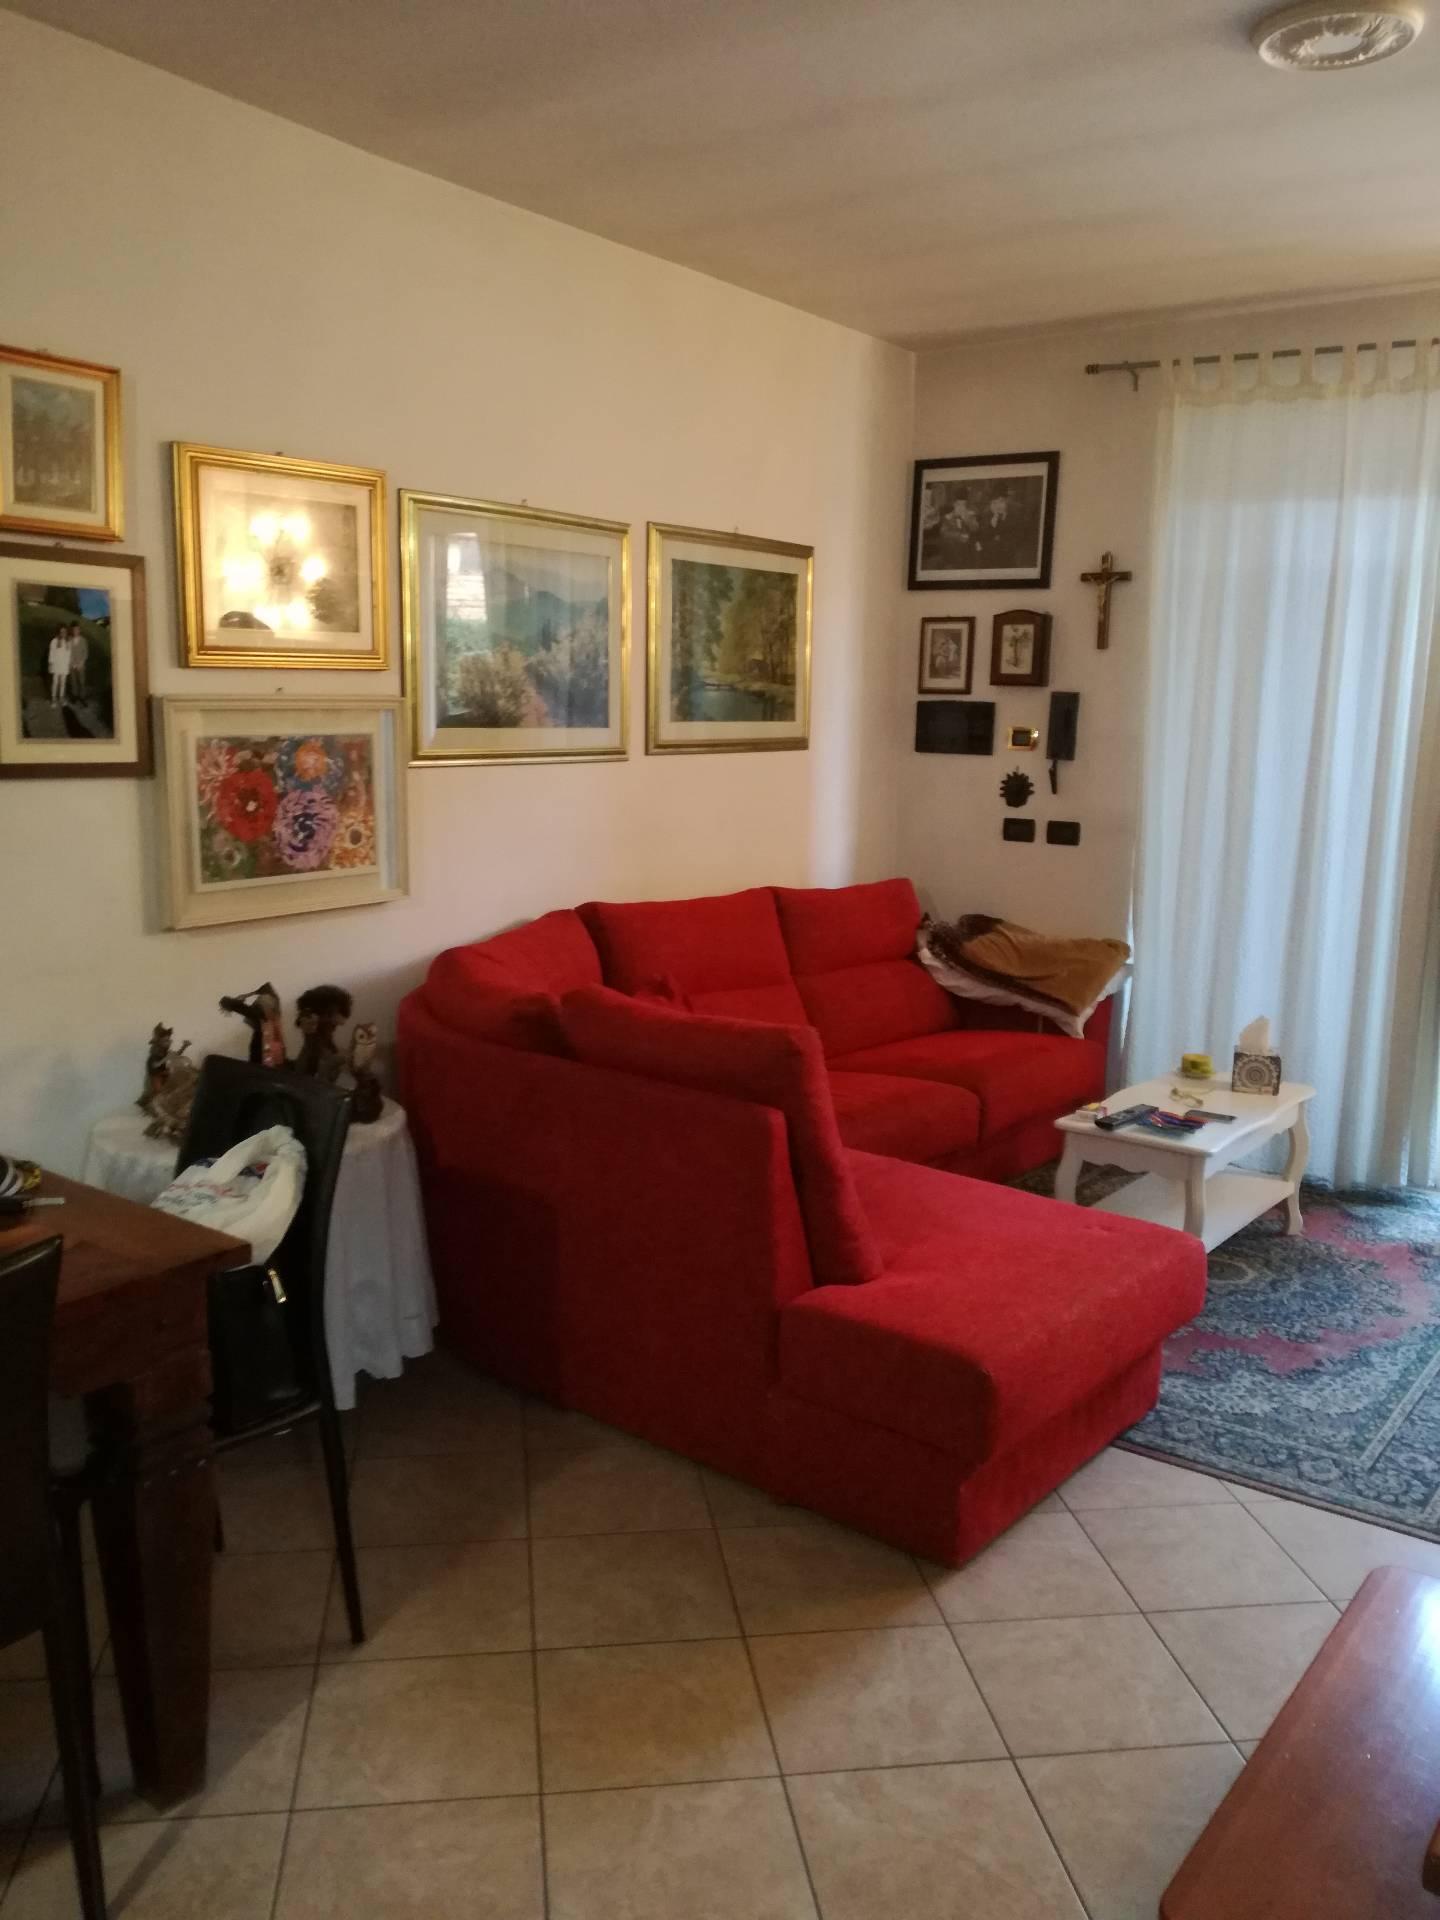 Appartamento in affitto a Gravellona Toce, 2 locali, prezzo € 600 | CambioCasa.it